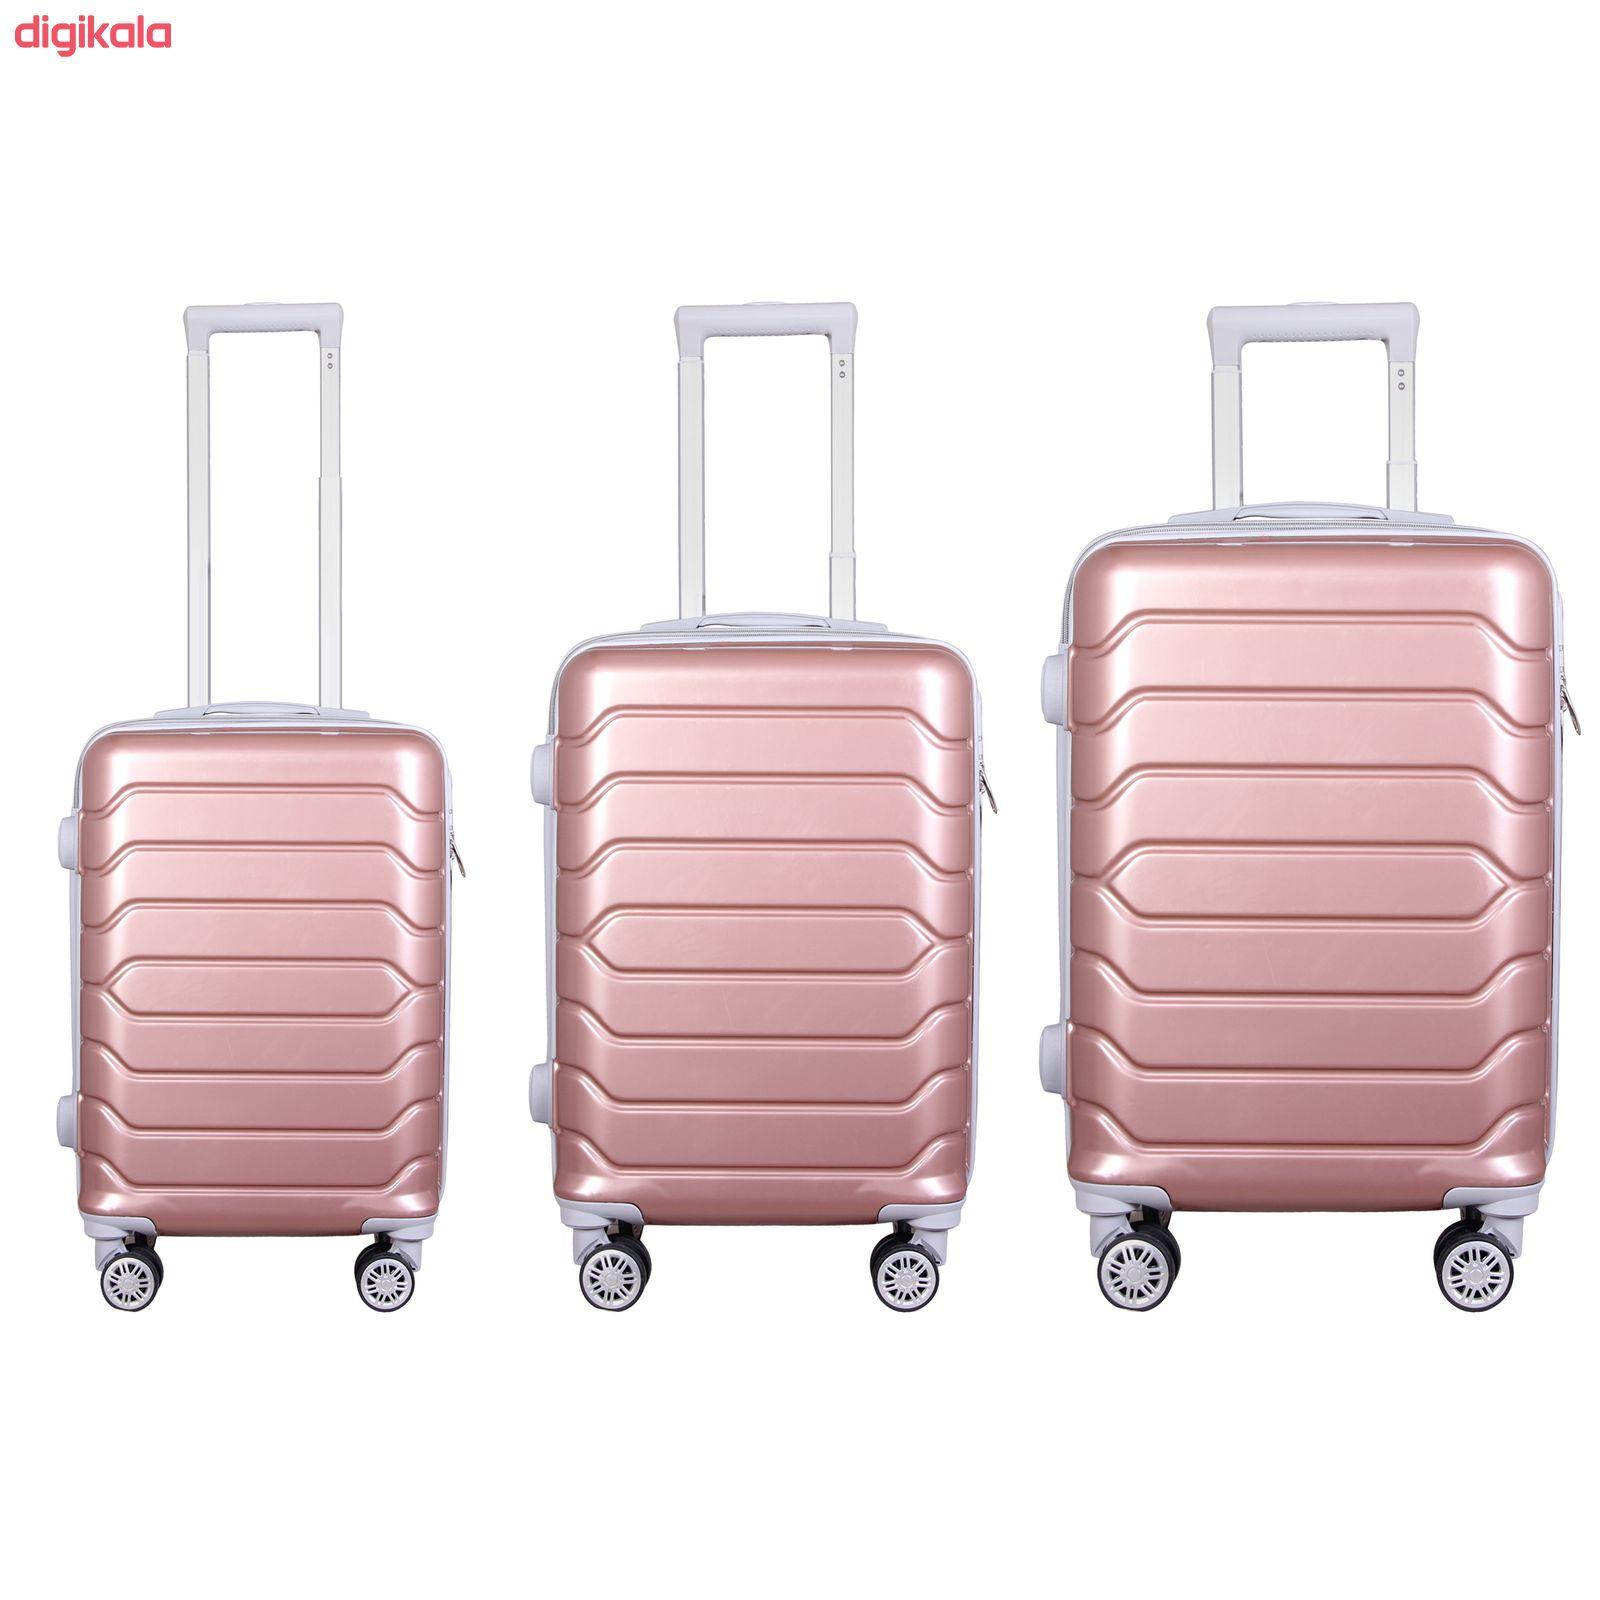 مجموعه سه عددی چمدان مدل 10021 main 1 5